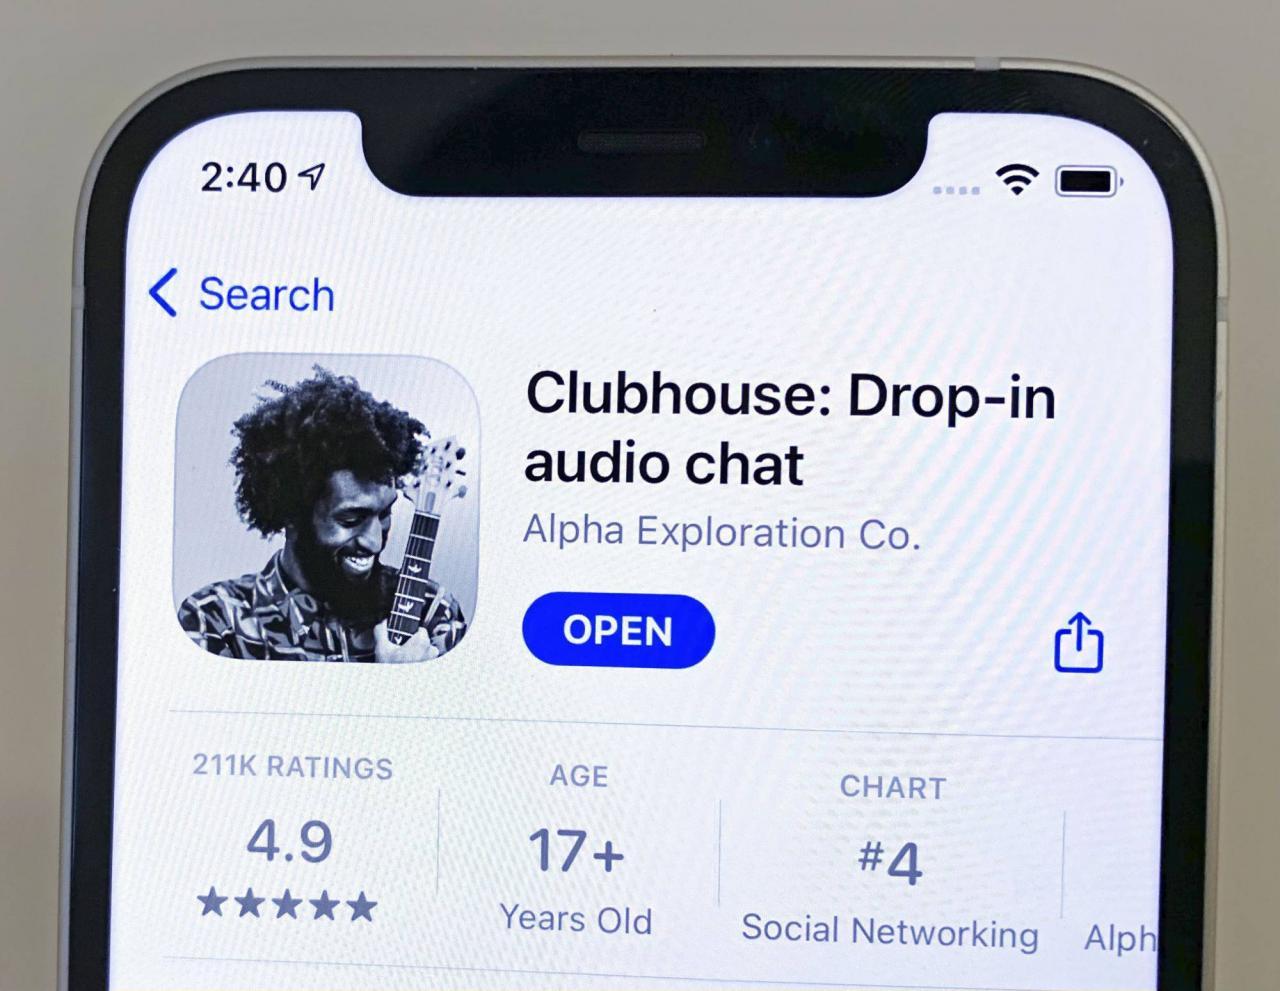 Fuente de la imagen - KYODO - Se informa que Facebook está desarrollando un clon de Clubhouse